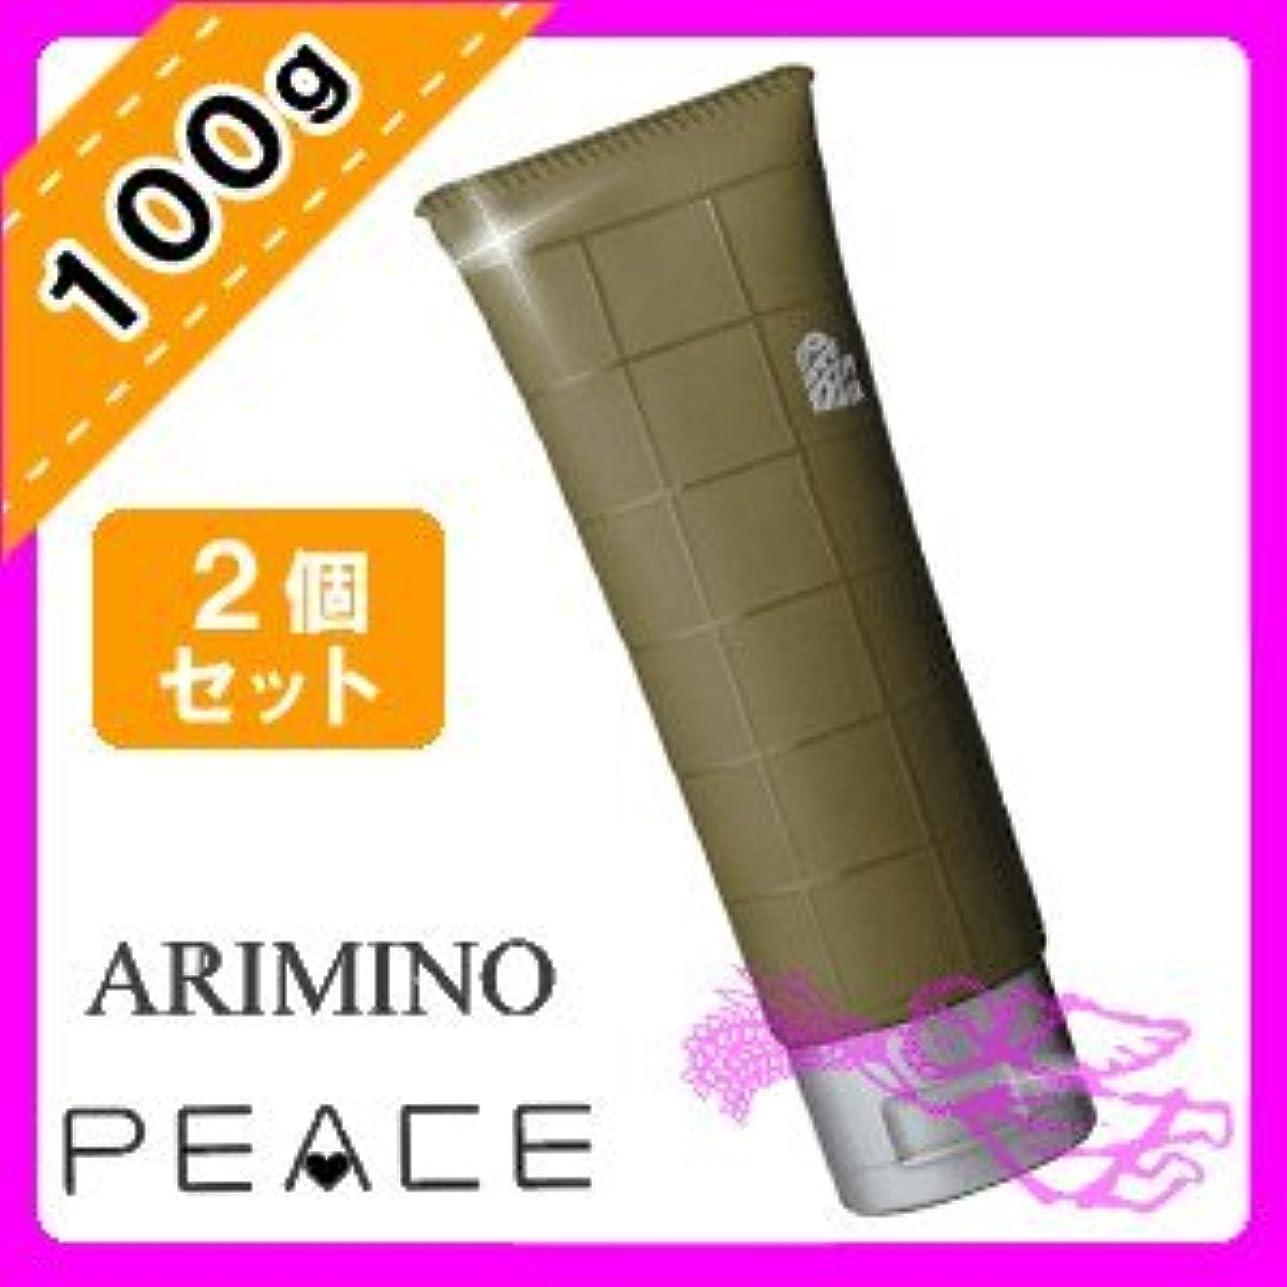 懐疑論抗議わずらわしいアリミノ ピース ウェットオイル ワックス 100g ×2個セット arimino PEACE